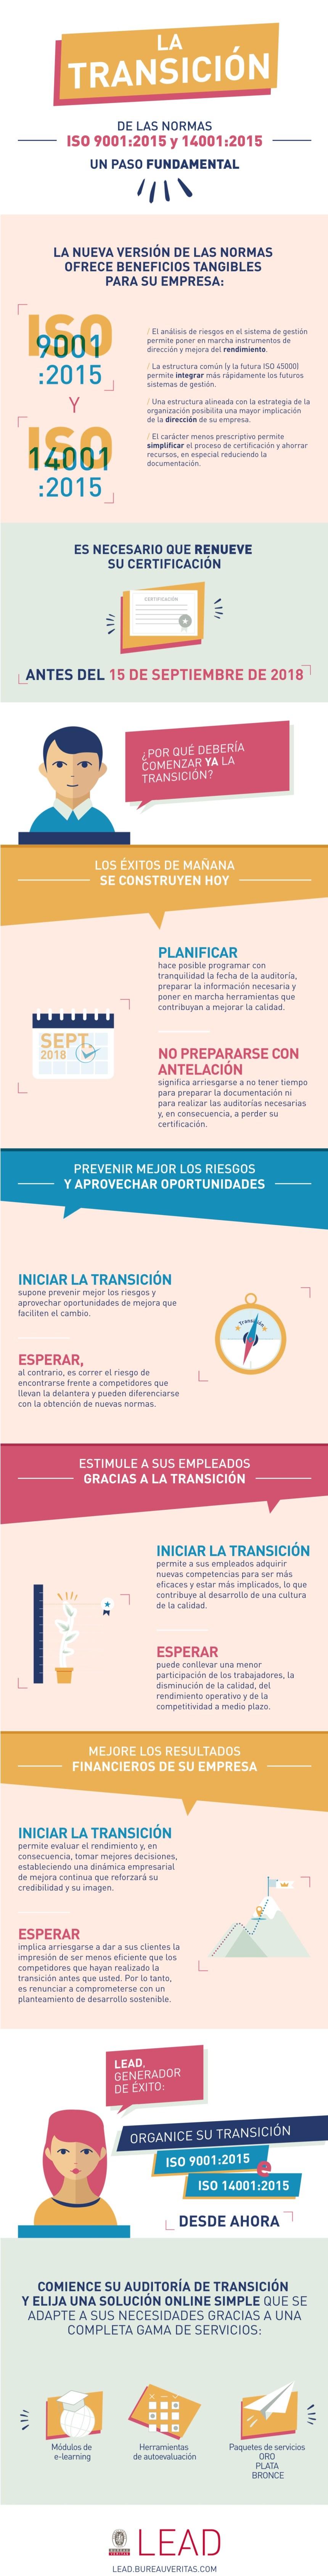 ISO 9001:2015 / ISO 14001:2017: debes realizar la transición